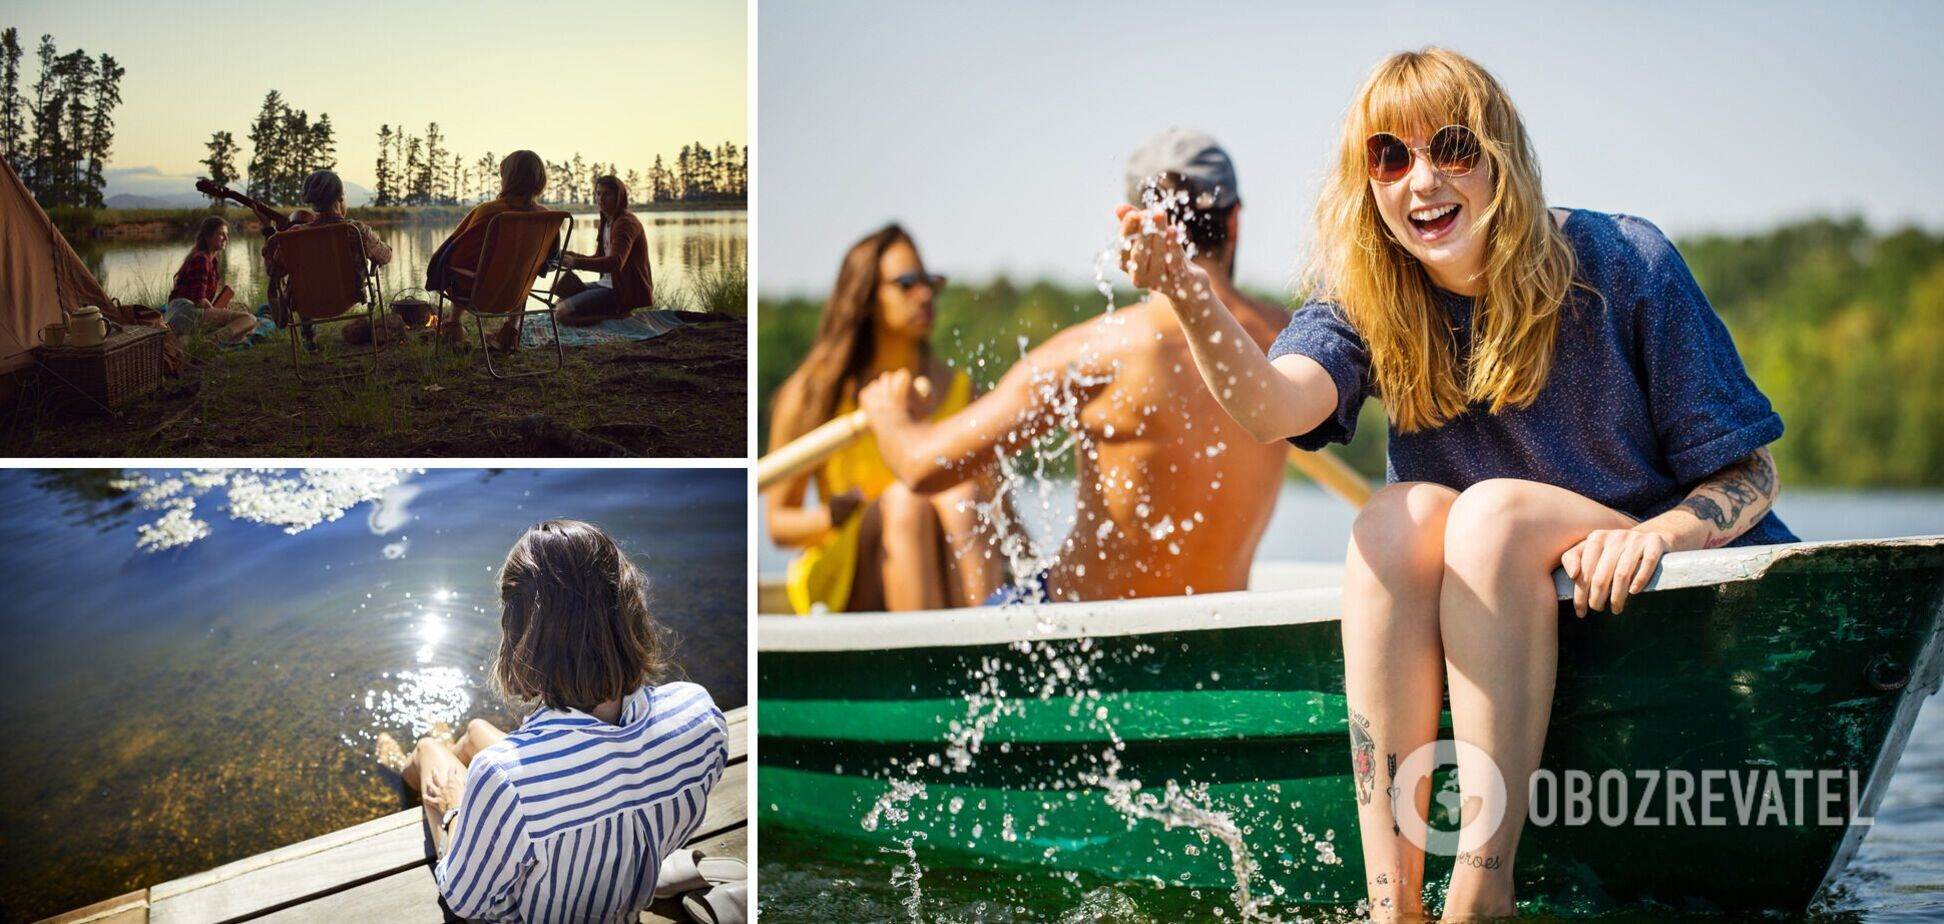 Українці часто тонуть у водоймах після вживання алкоголю